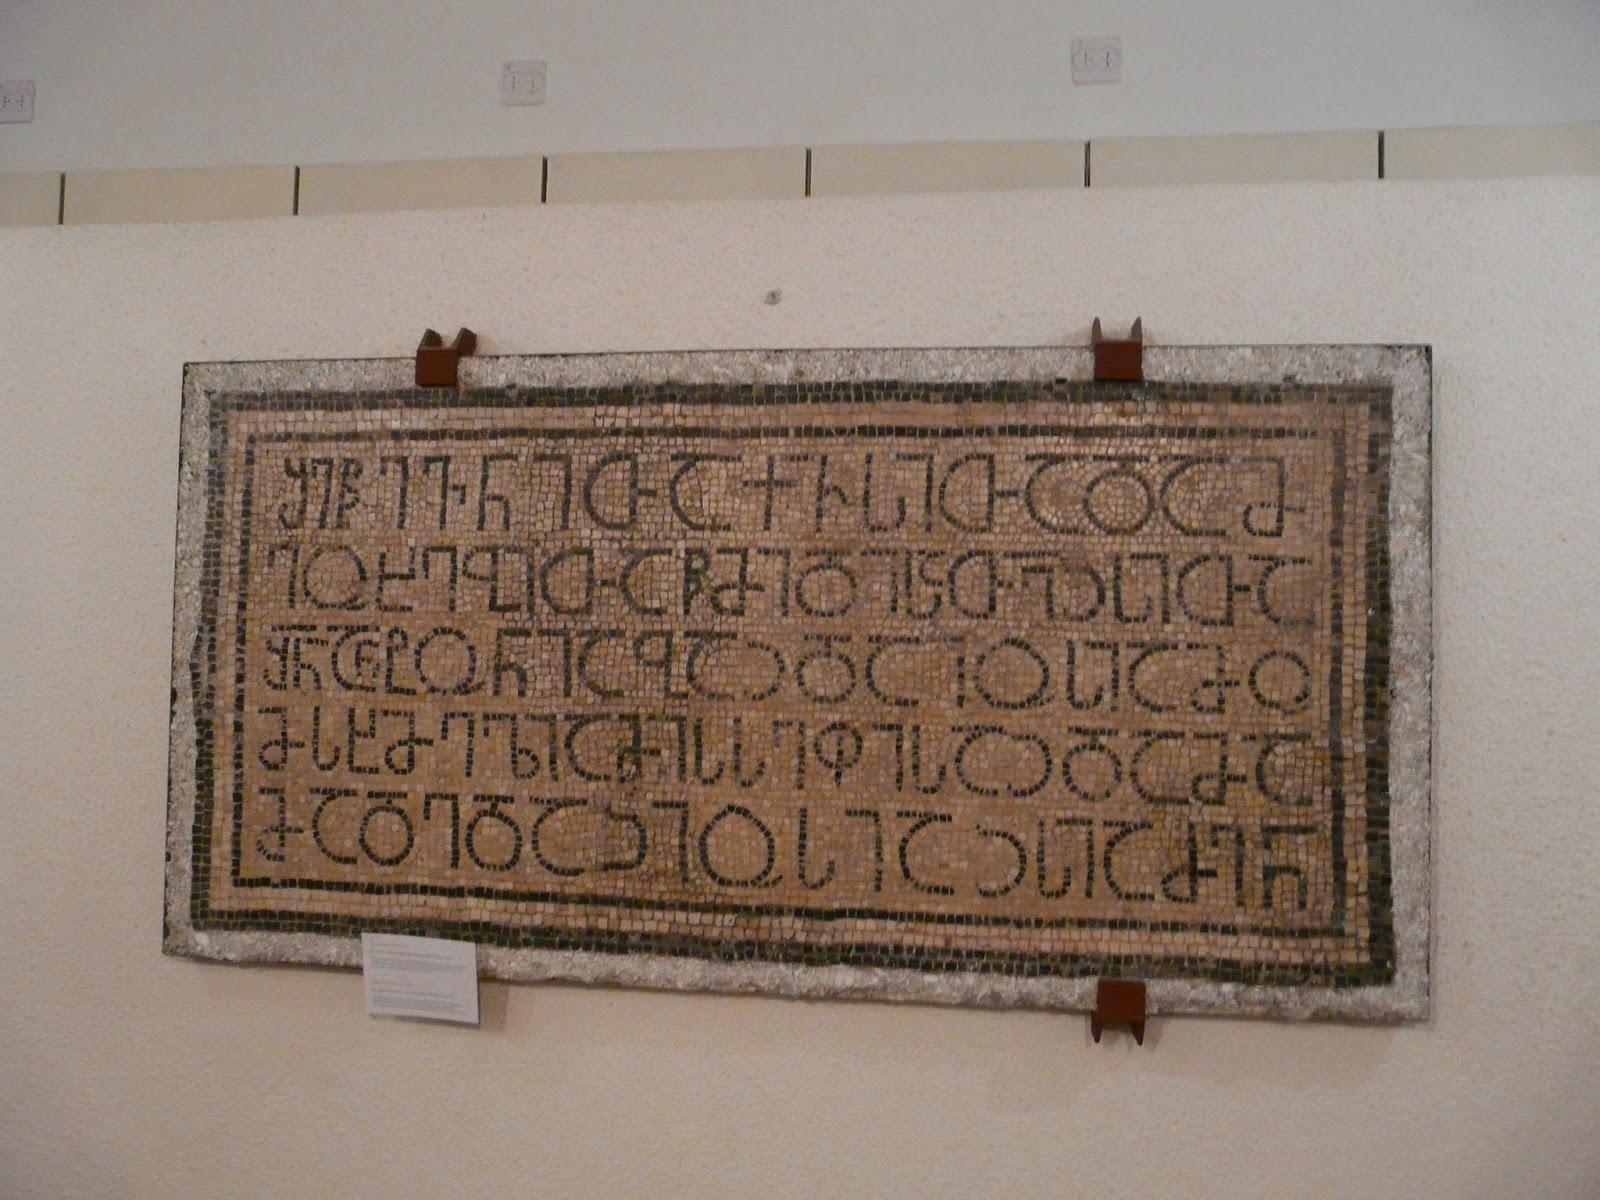 Византия, мозаика, Иерусалим, авторская экскурсия по Иерусалиму, индивидуальный/частный экскурсовол, фрилансер